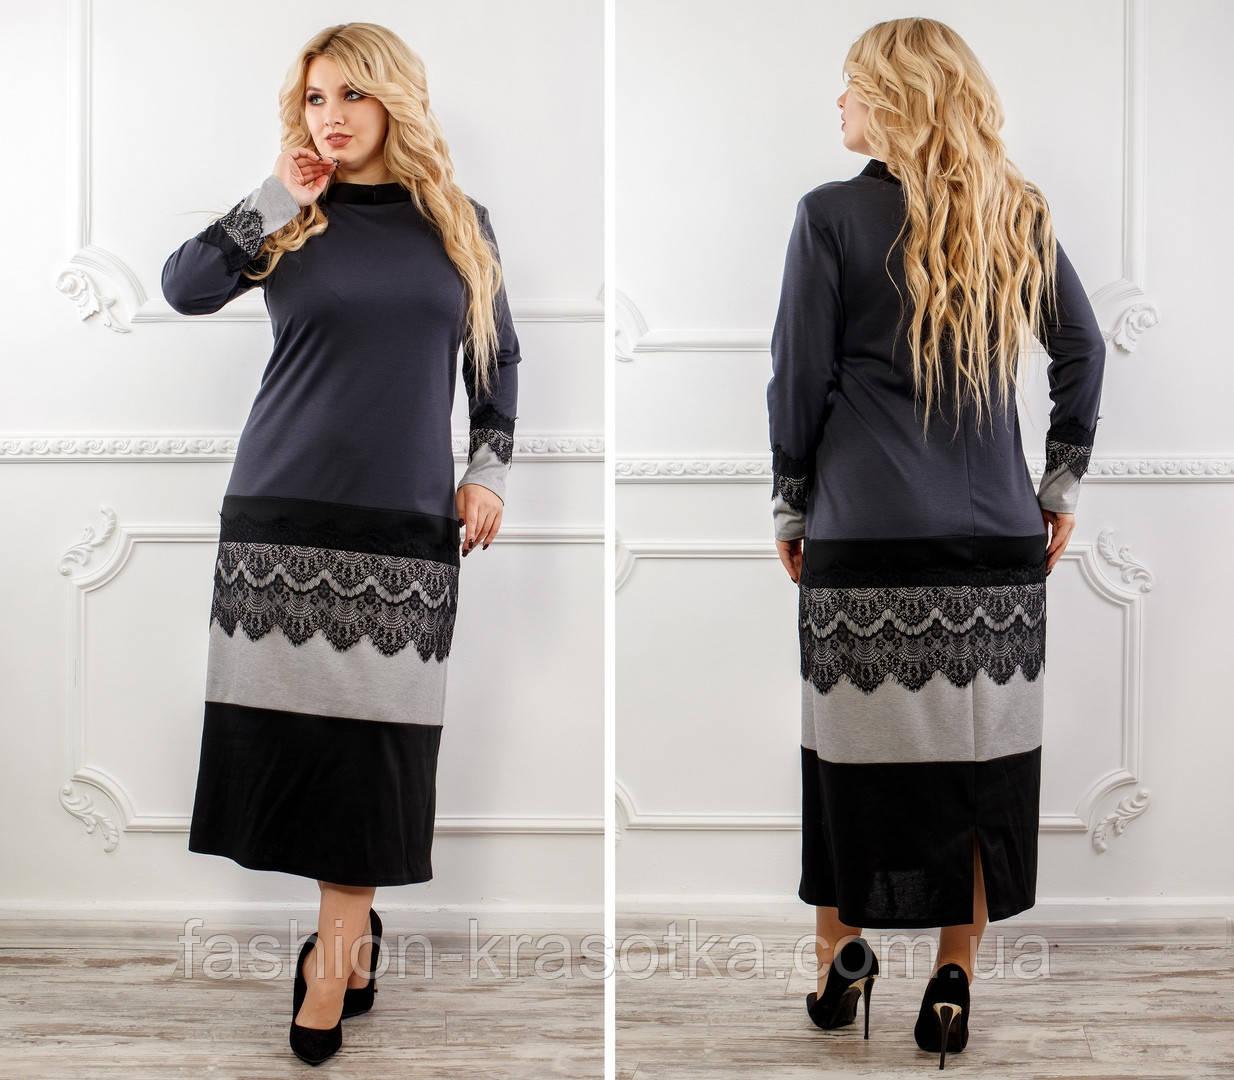 Модне жіноче плаття великих розмірів з мереживом,тканина-французький трикотаж.